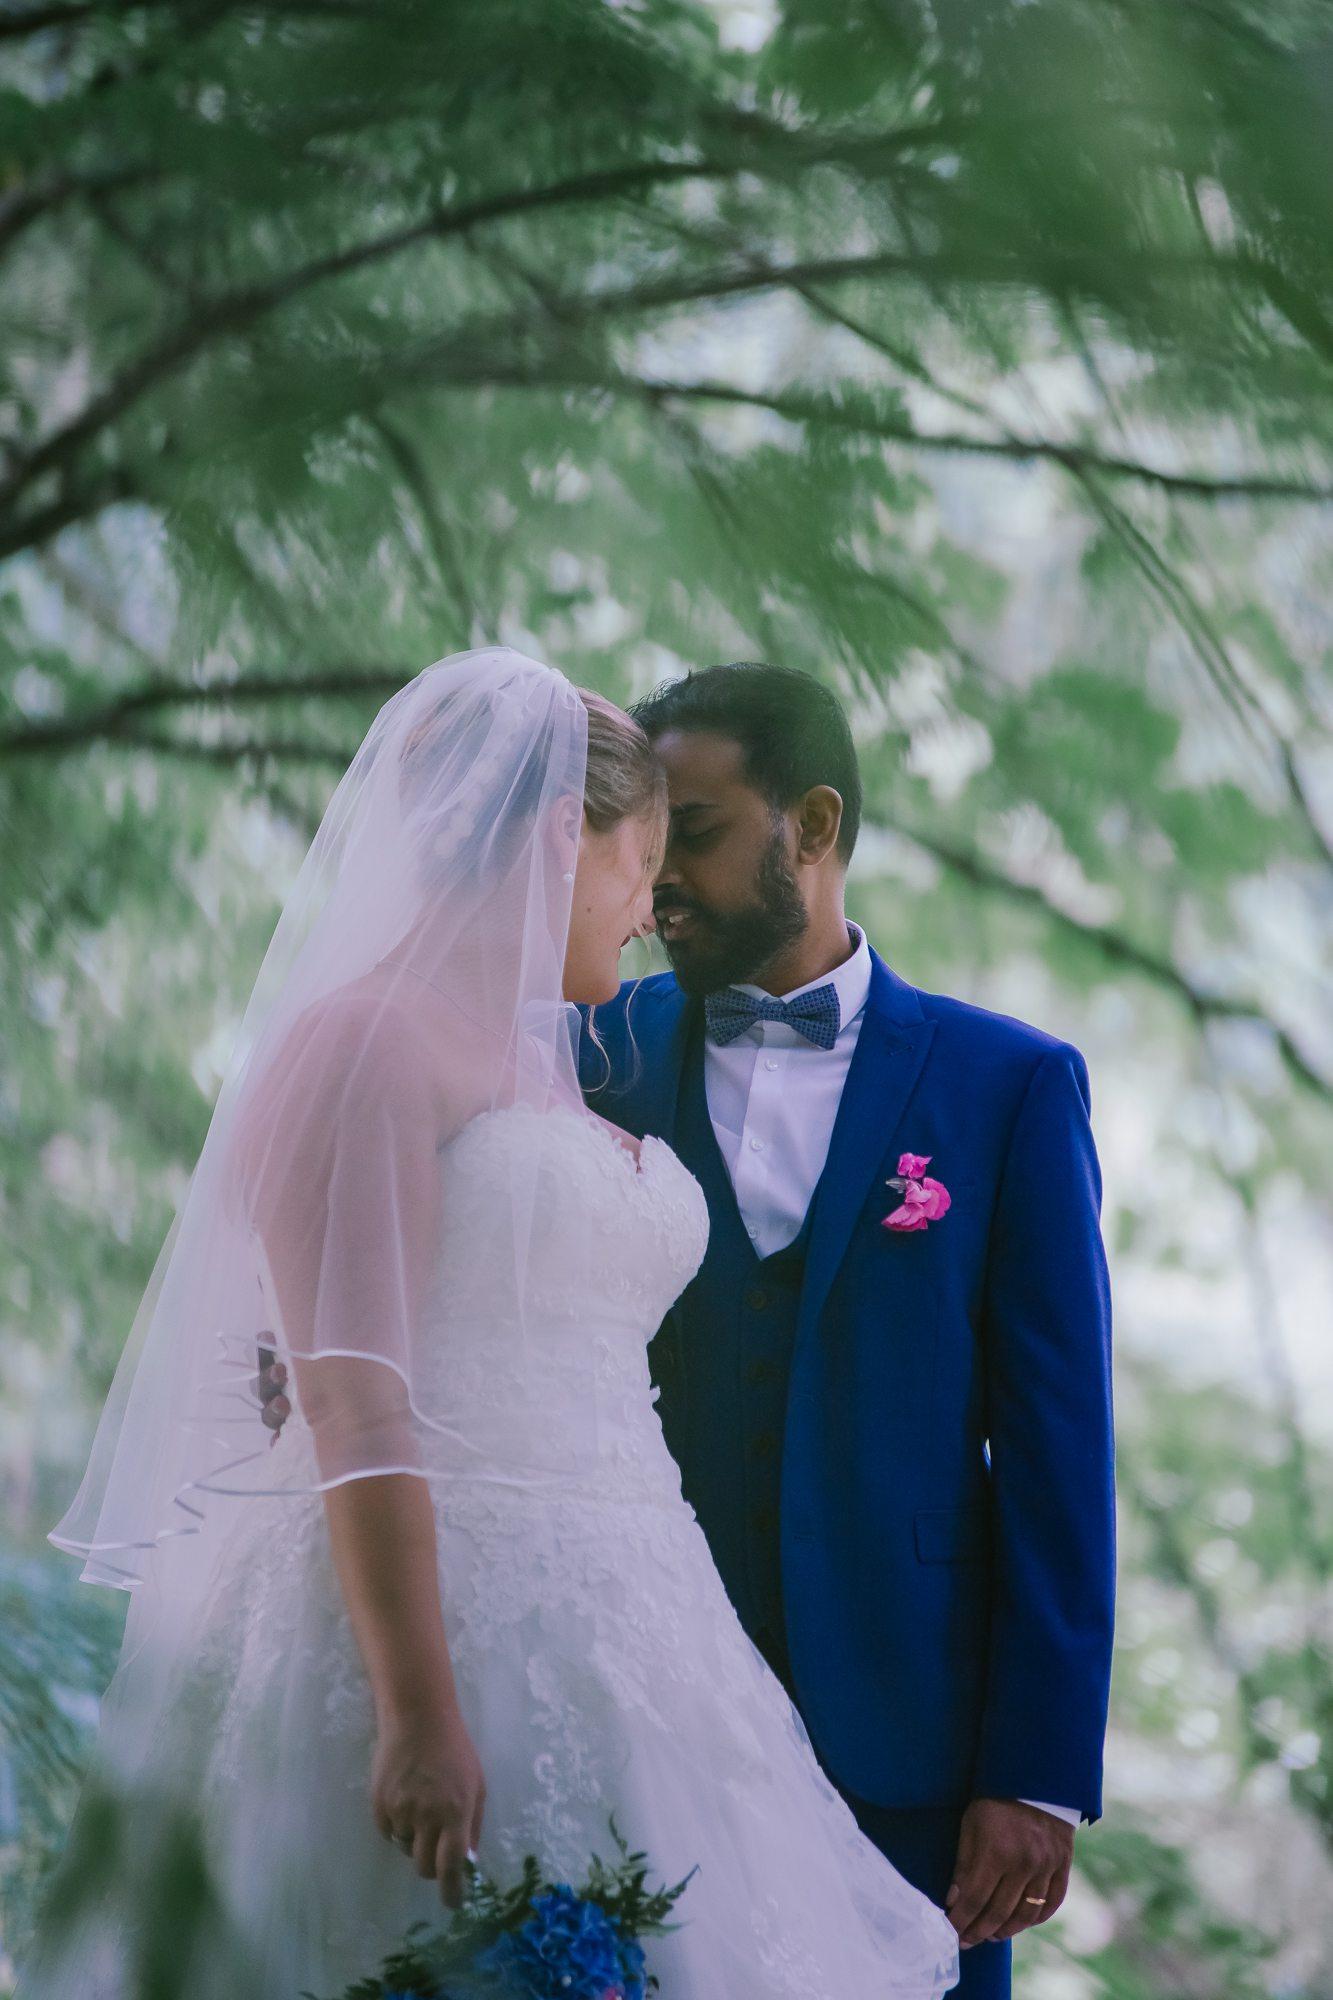 un mariage sur le thème de Game of Thrones